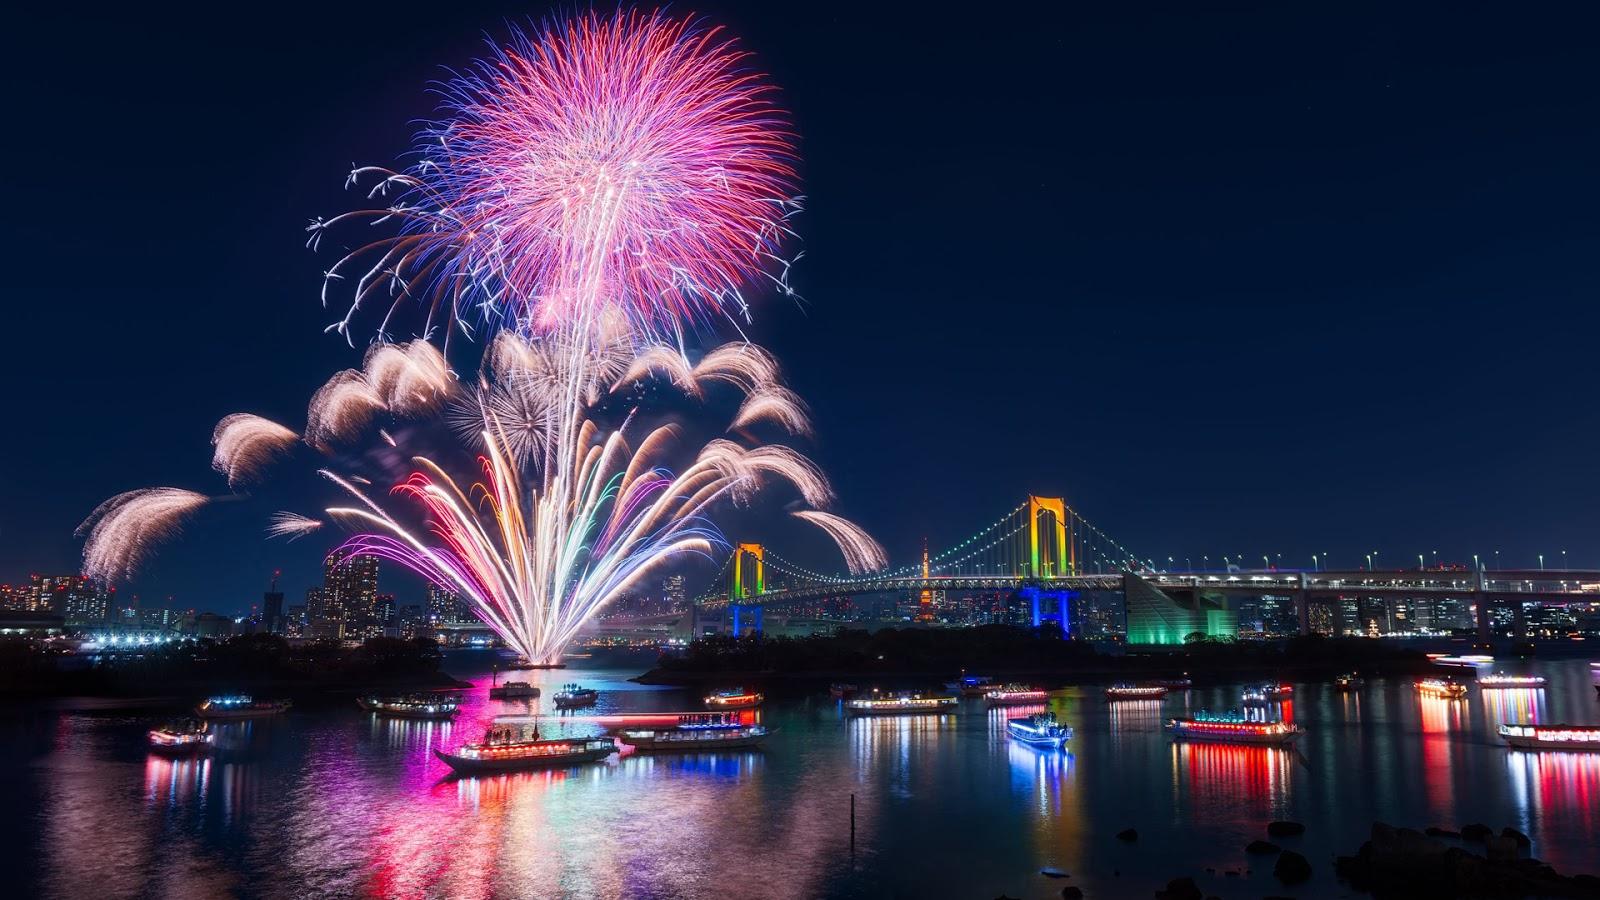 Hình ảnh băn pháo hoa chúc năm mới này là ở thành phố nào đố bạn biết đấy